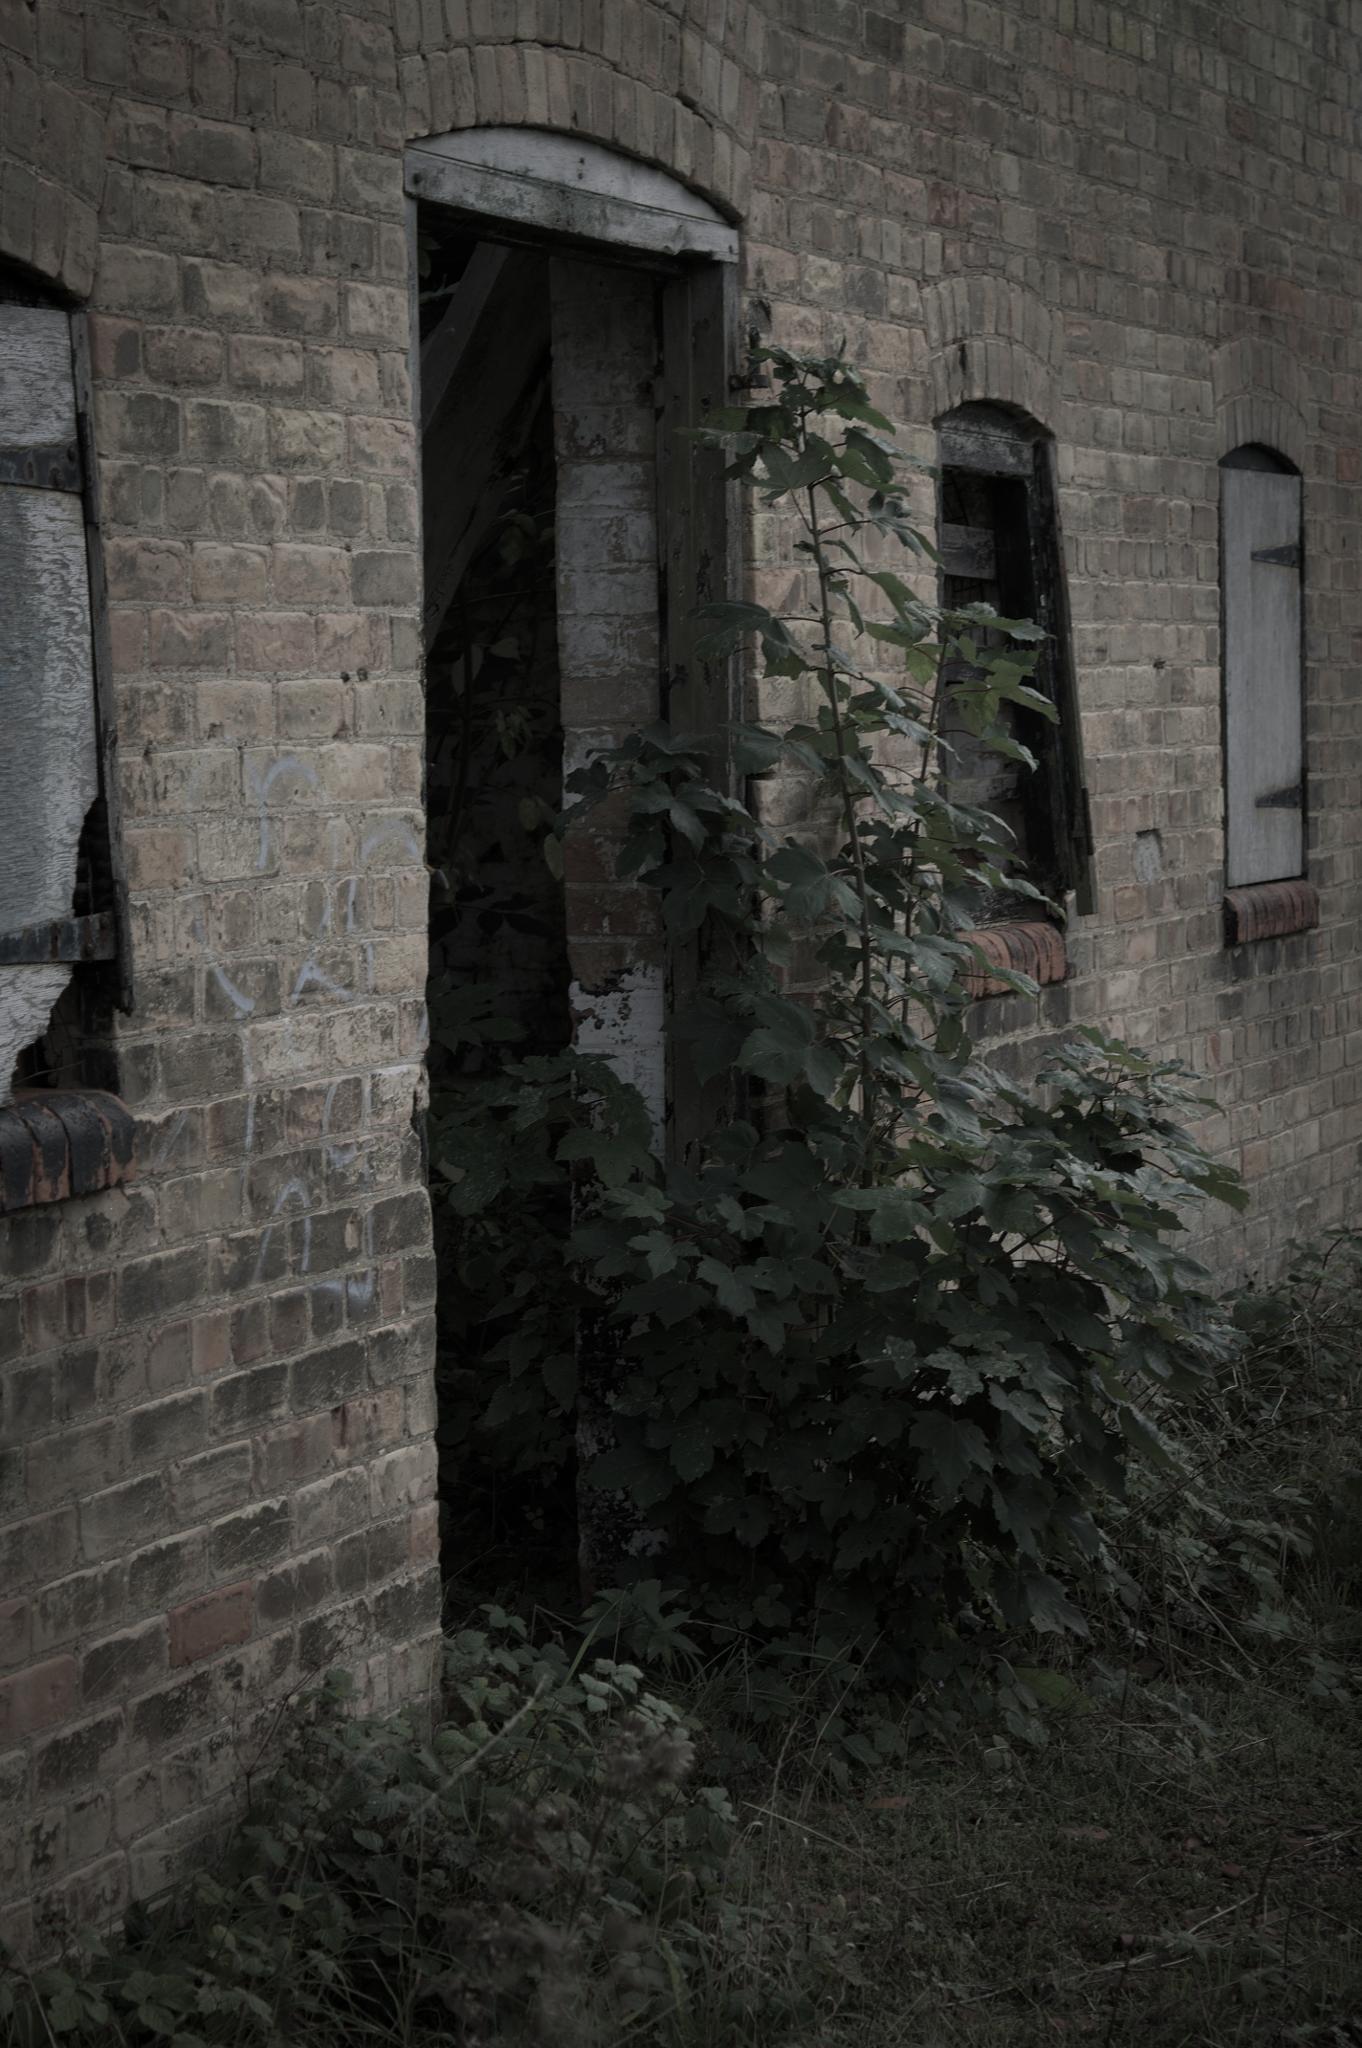 Derelict Manor Door by Sam Hockaday